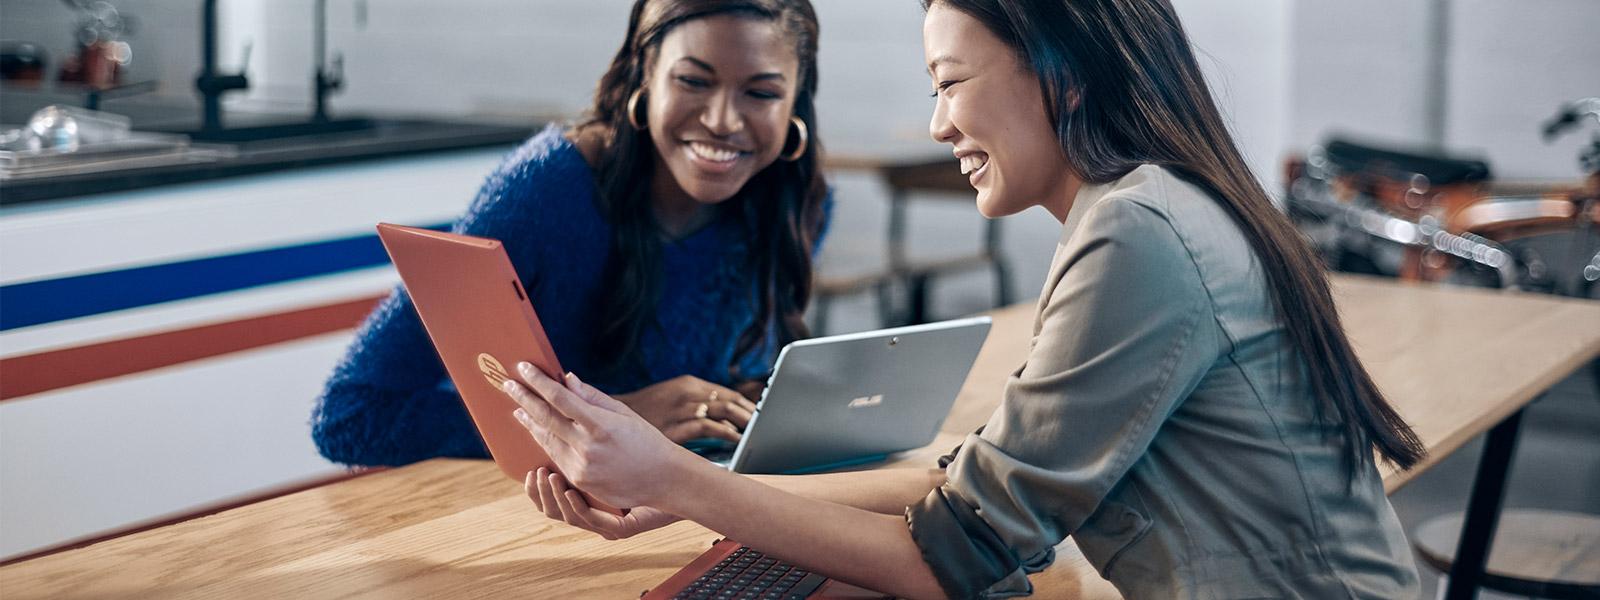 Две жени, които седят на маса, гледат в екрана на таблет, който се държи от друга жена, седяща между тях